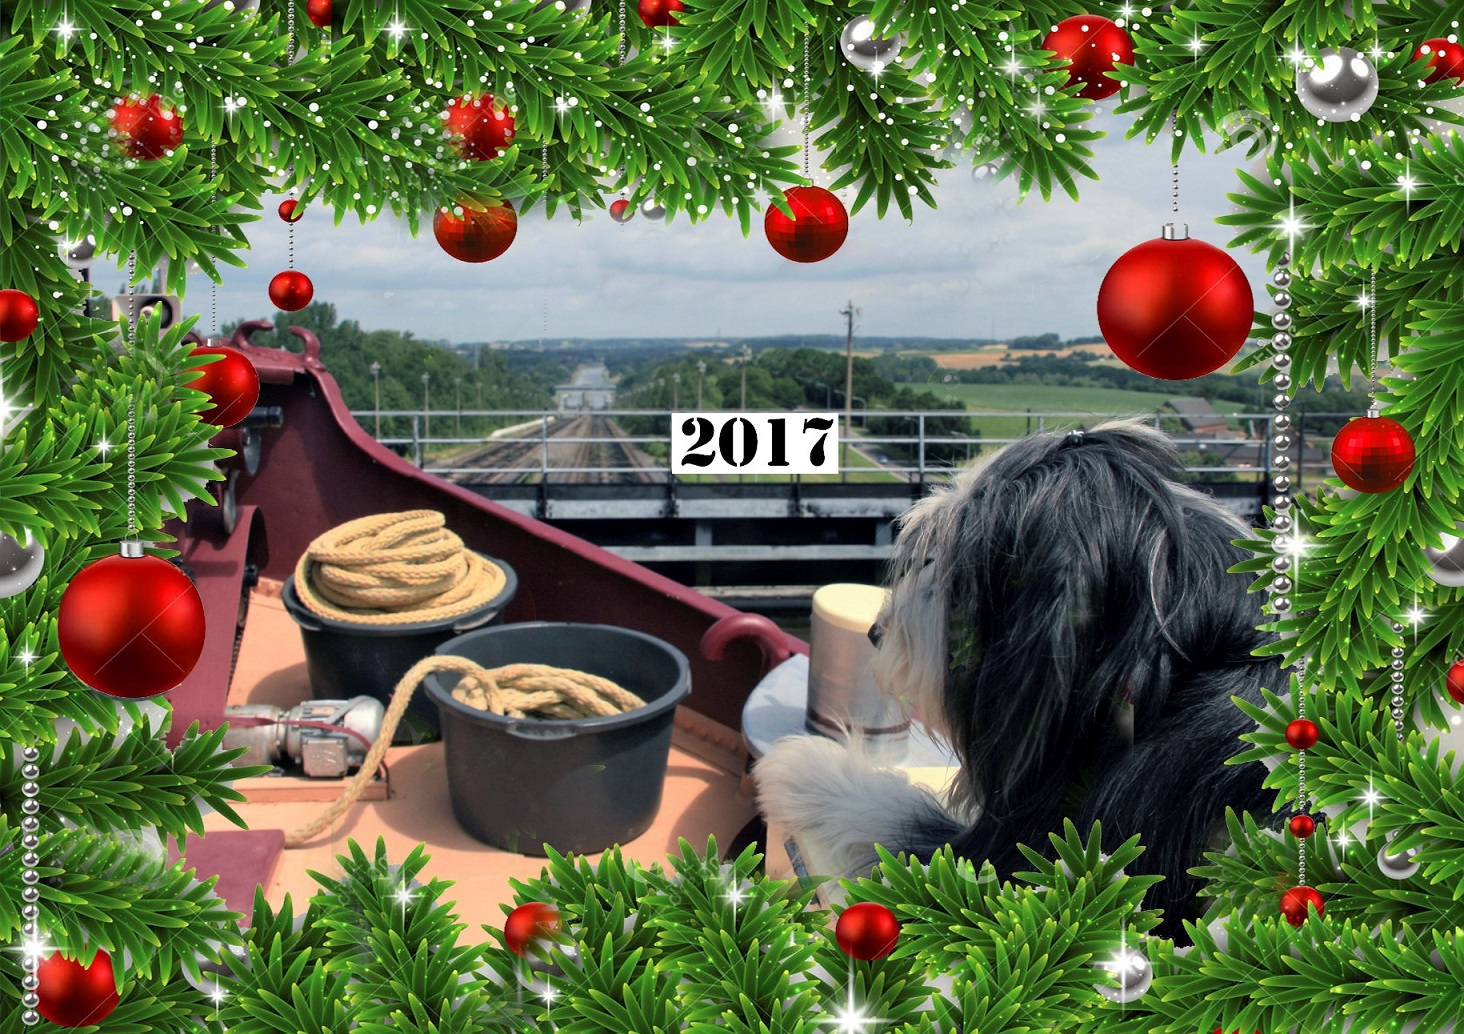 Beste wensen 2017